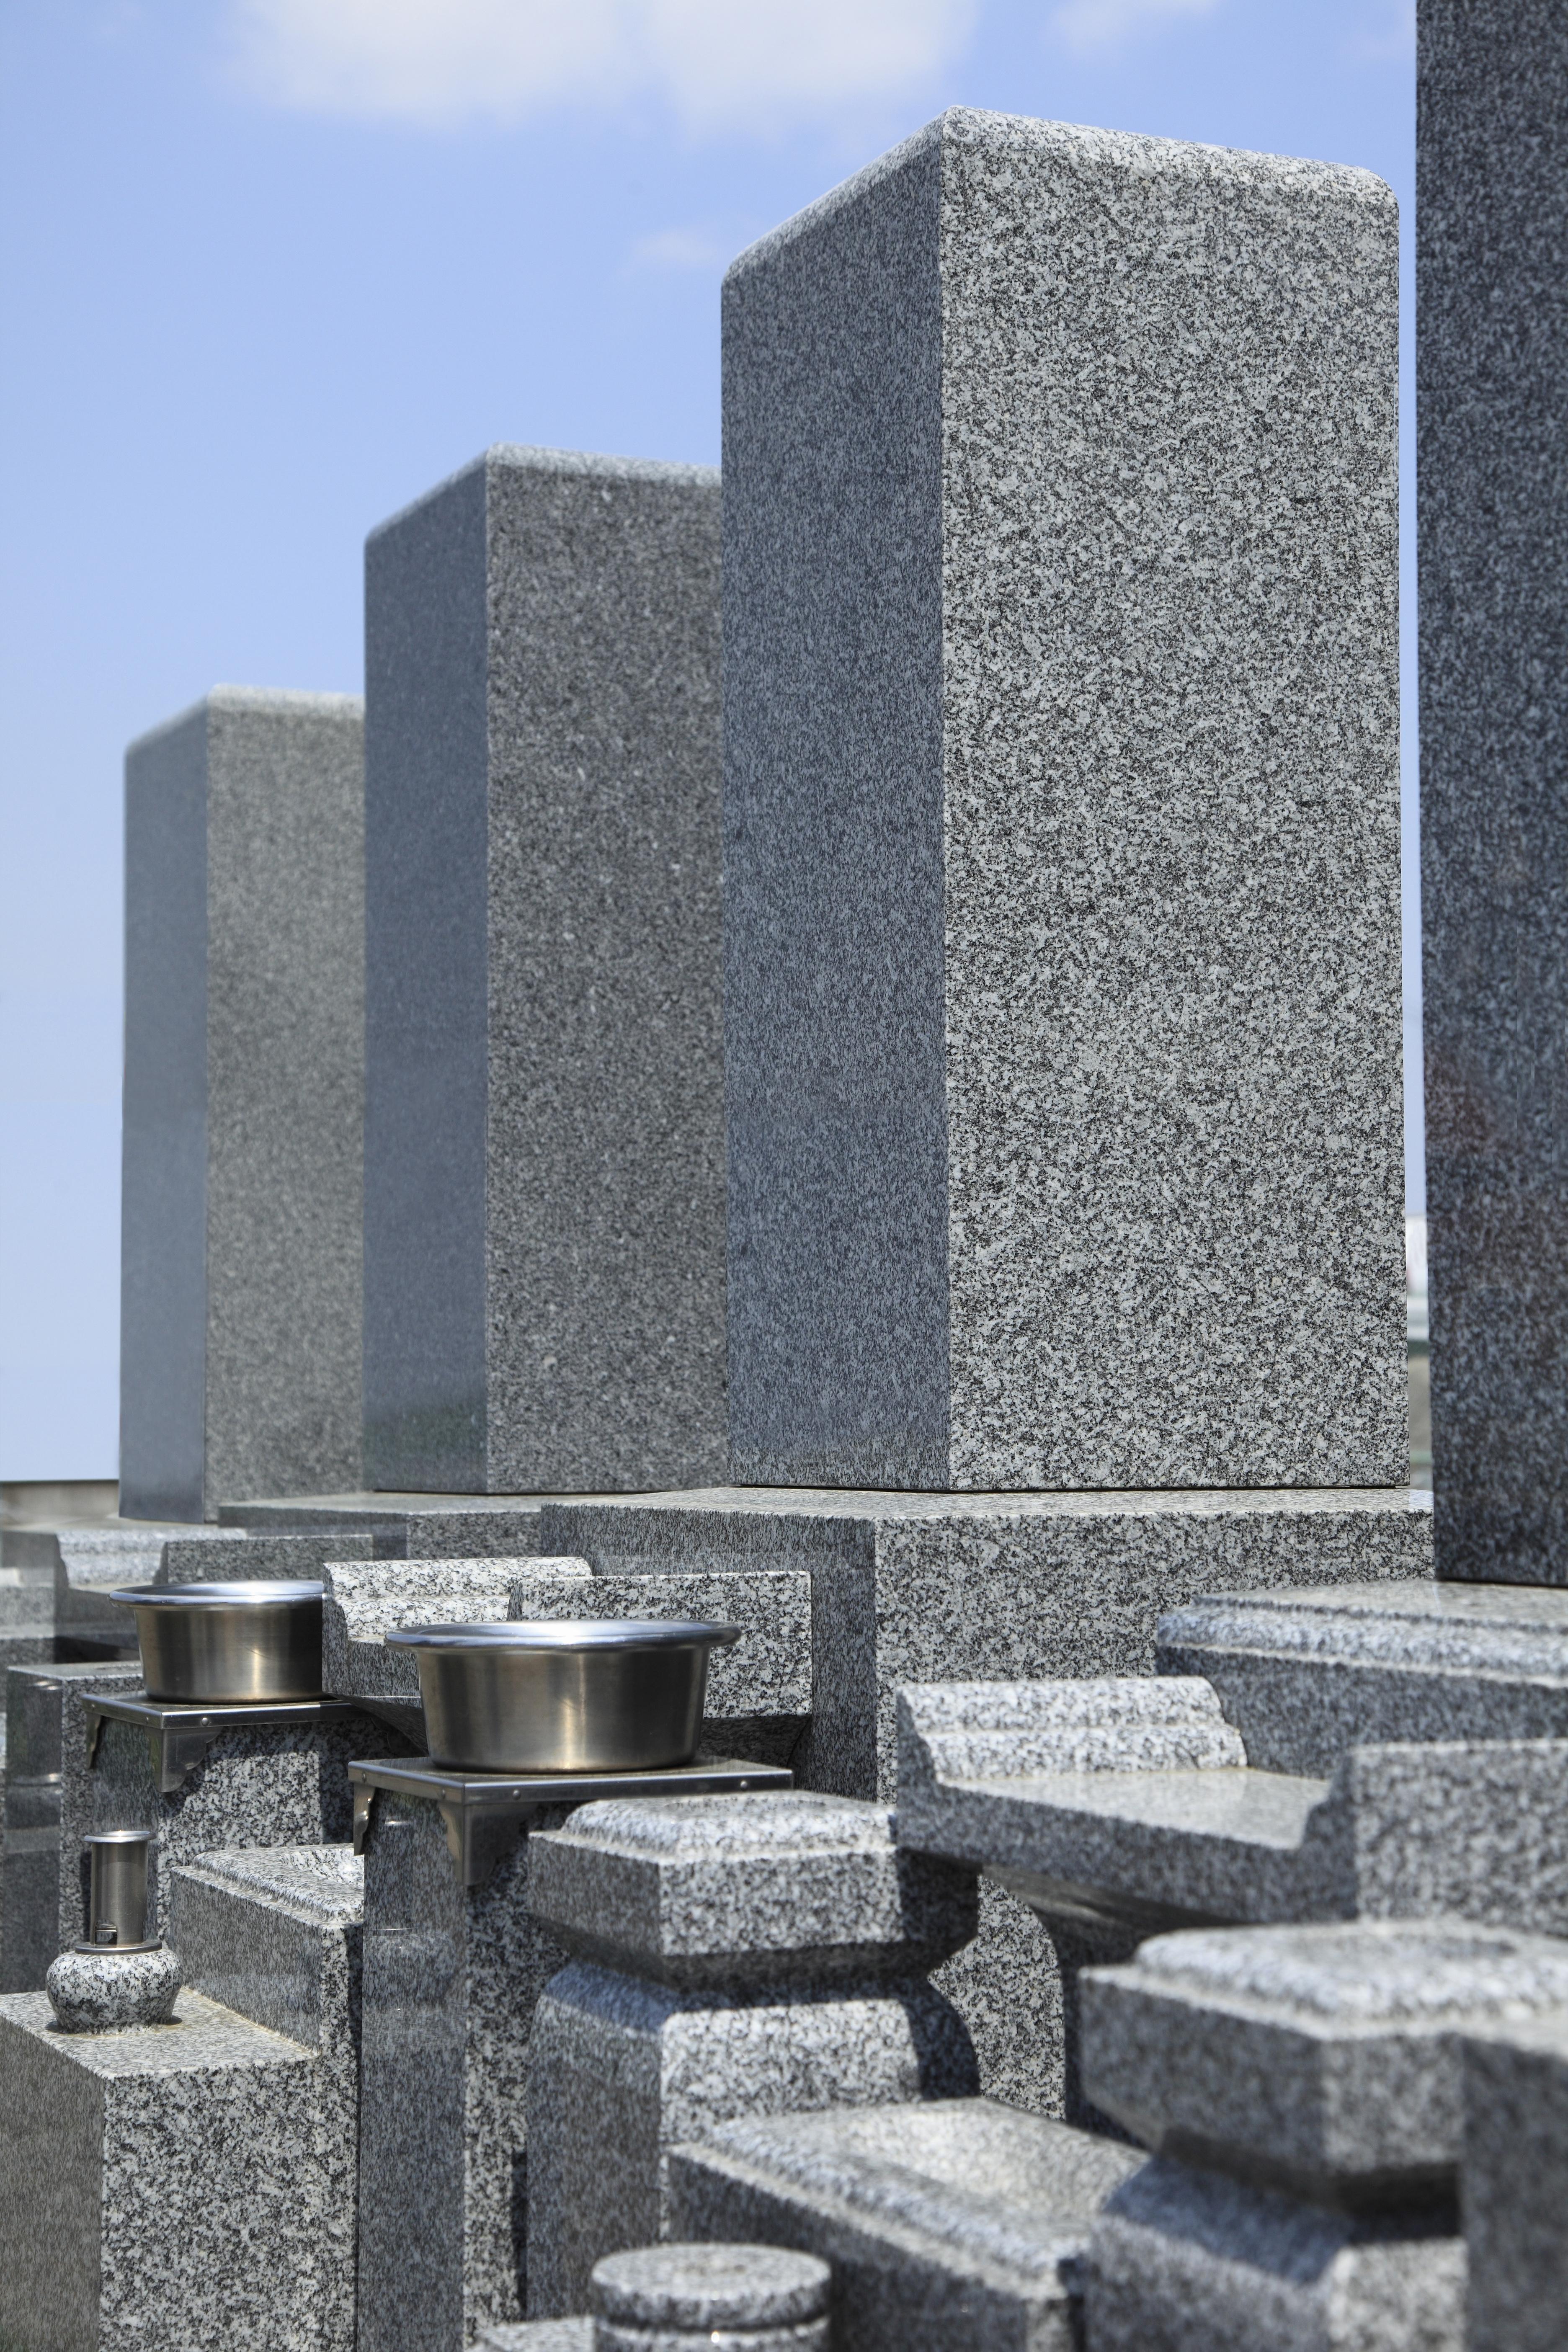 墓石に刻む文字もルールは?彫刻する場所や費用・タブーを解説のサムネイル画像